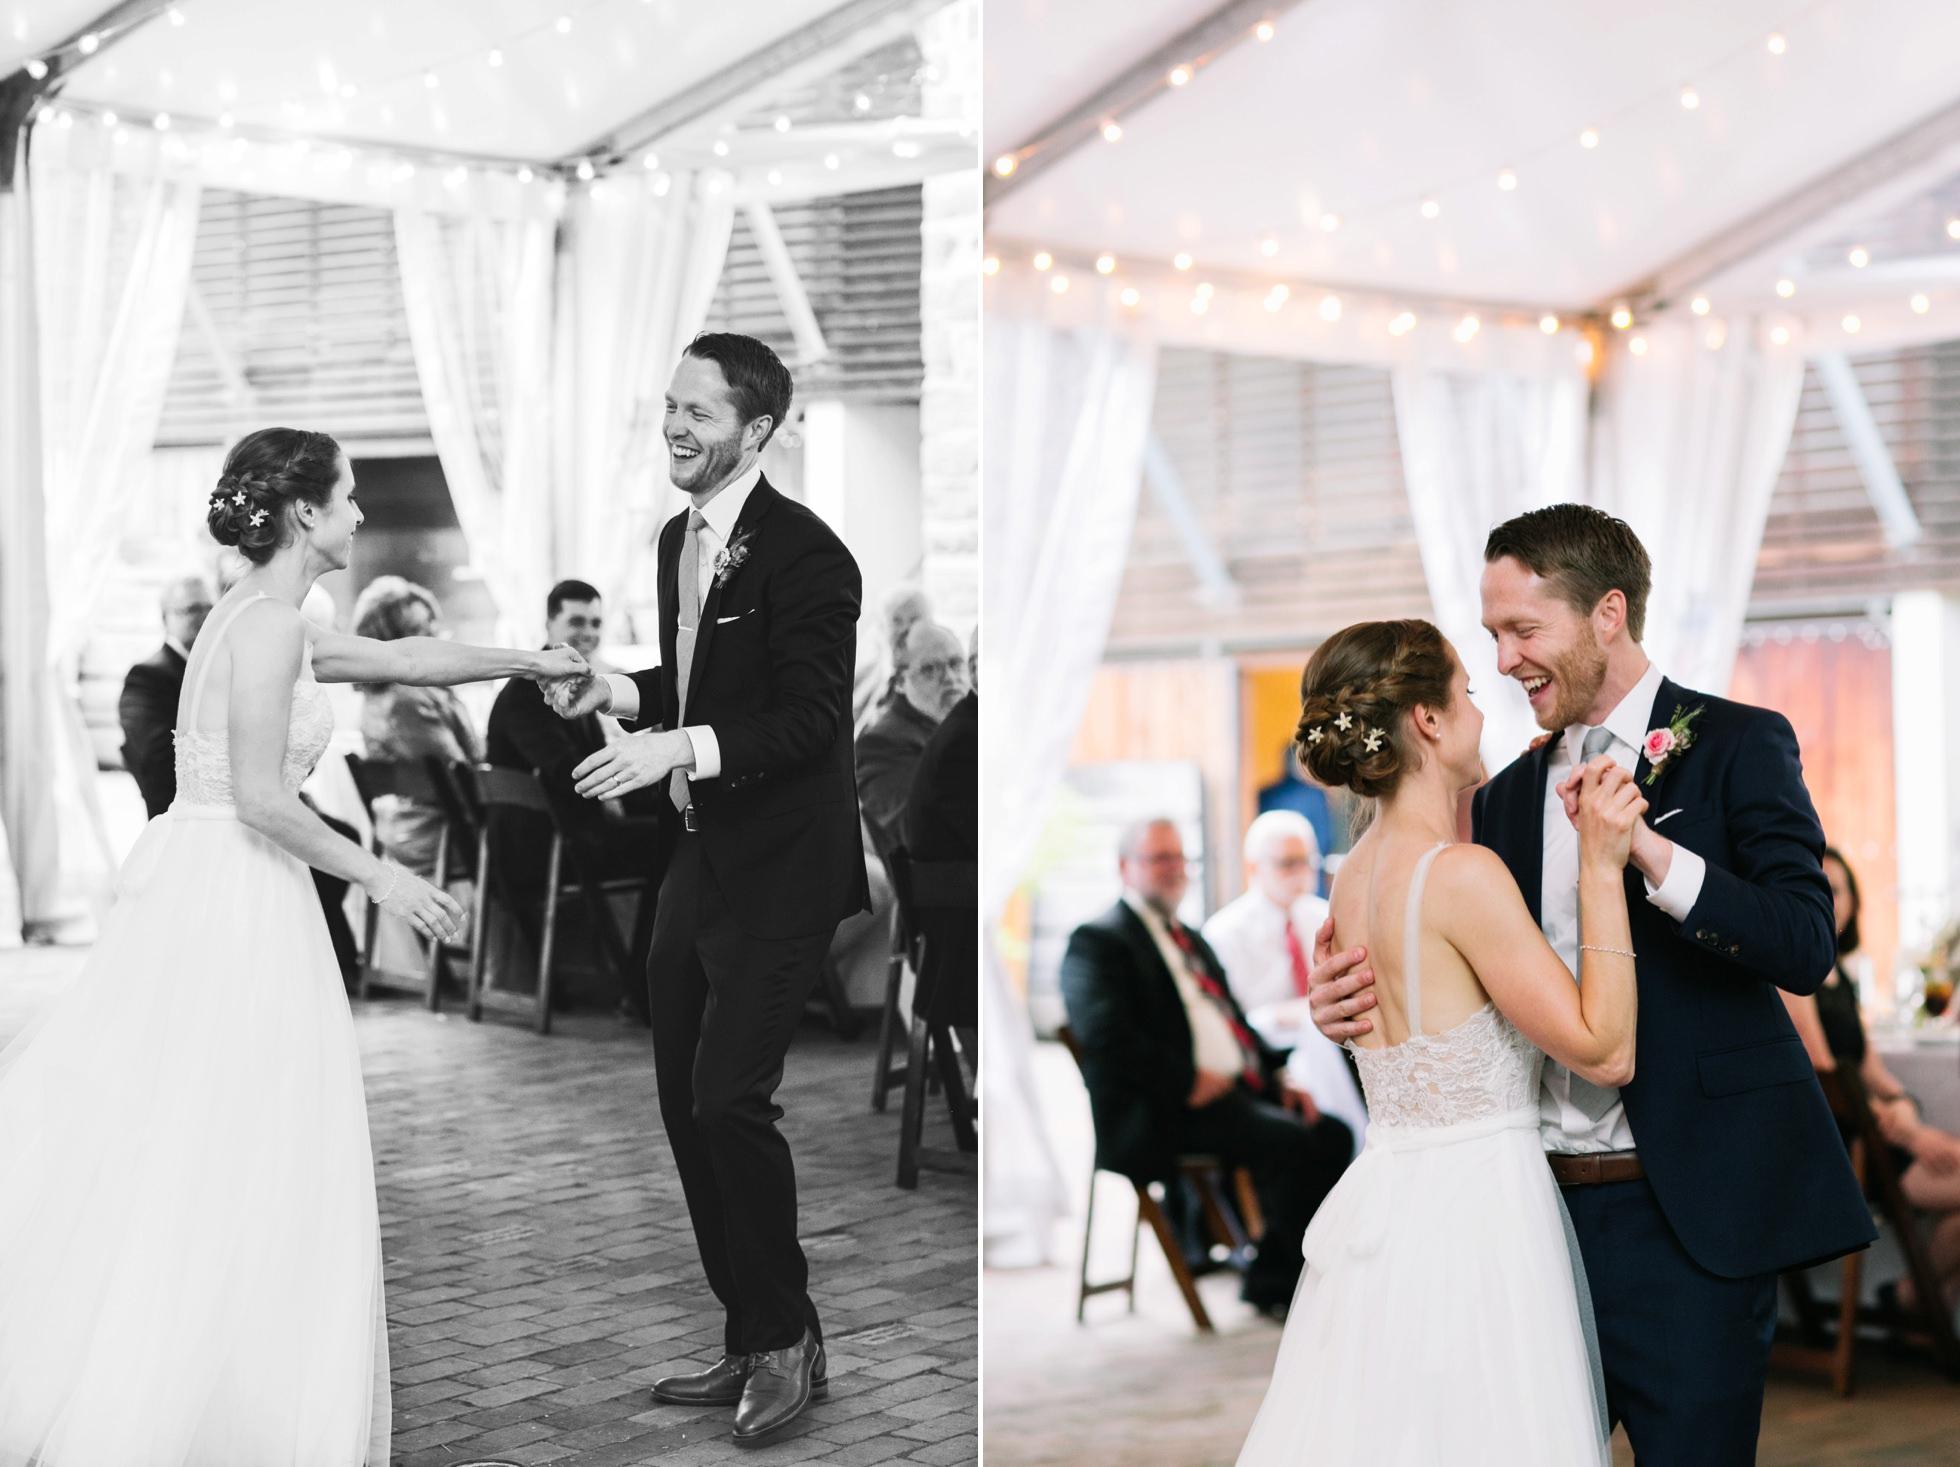 Romantic Bartram's Garden Outdoor Summer Wedding, Philadelphia | brittneyraine.com 085